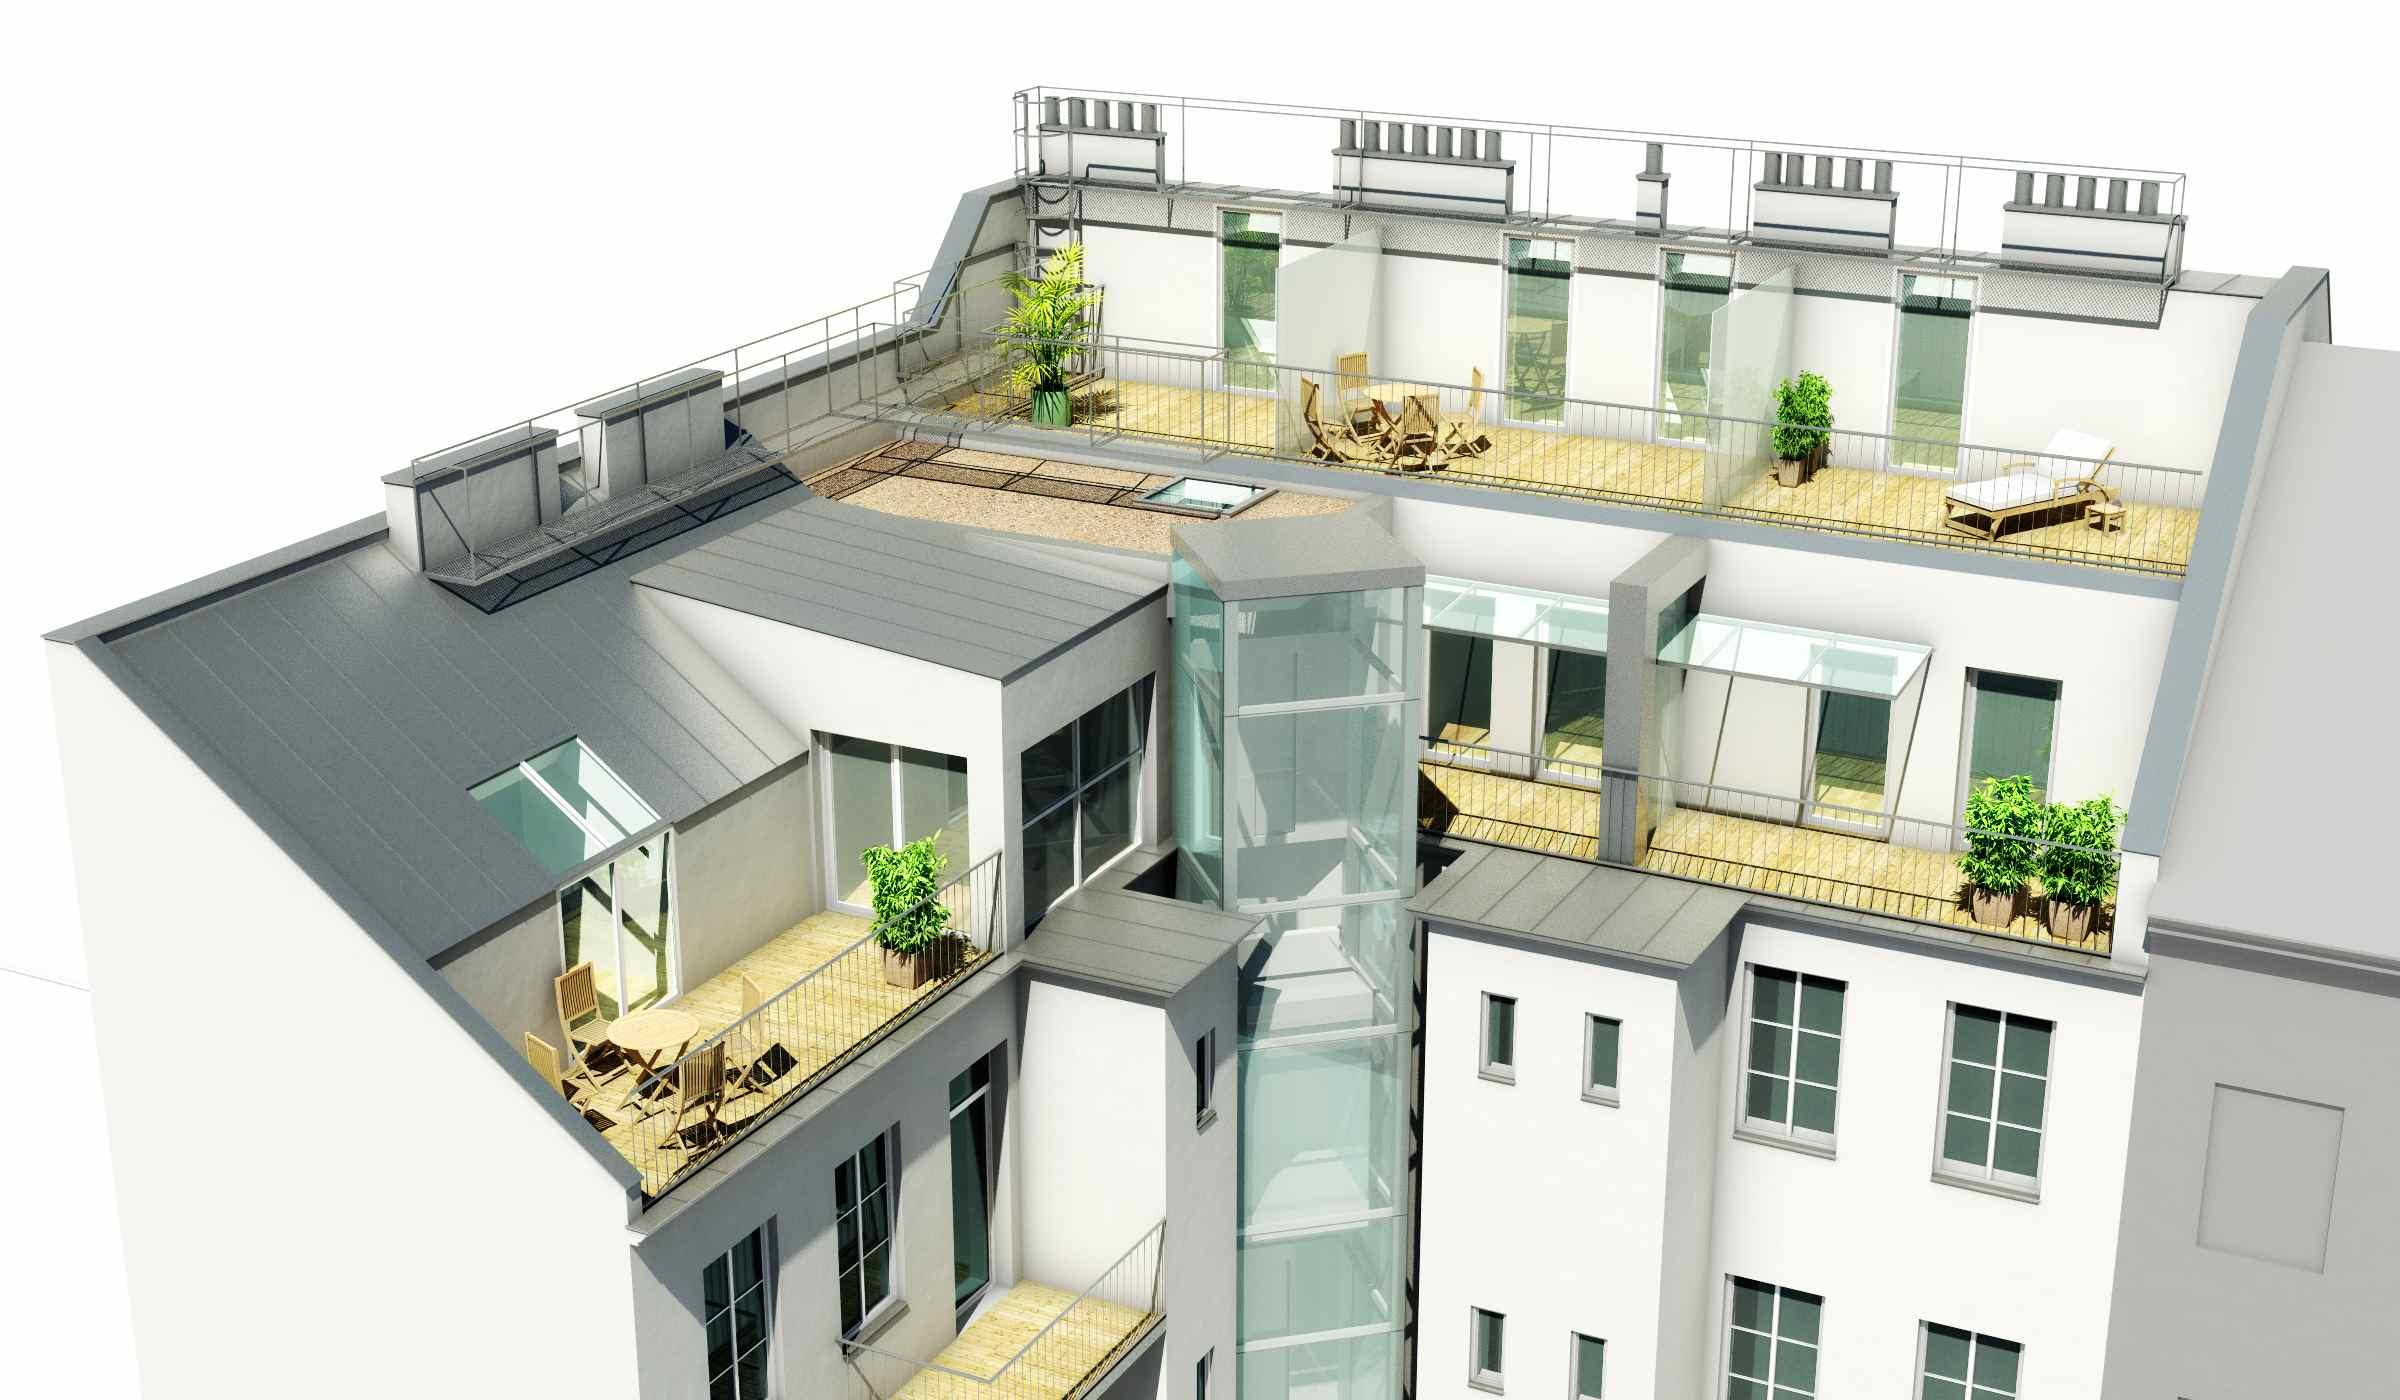 Dachgleichenfeier Dachgeschoßausbau 16,Rückertgasse